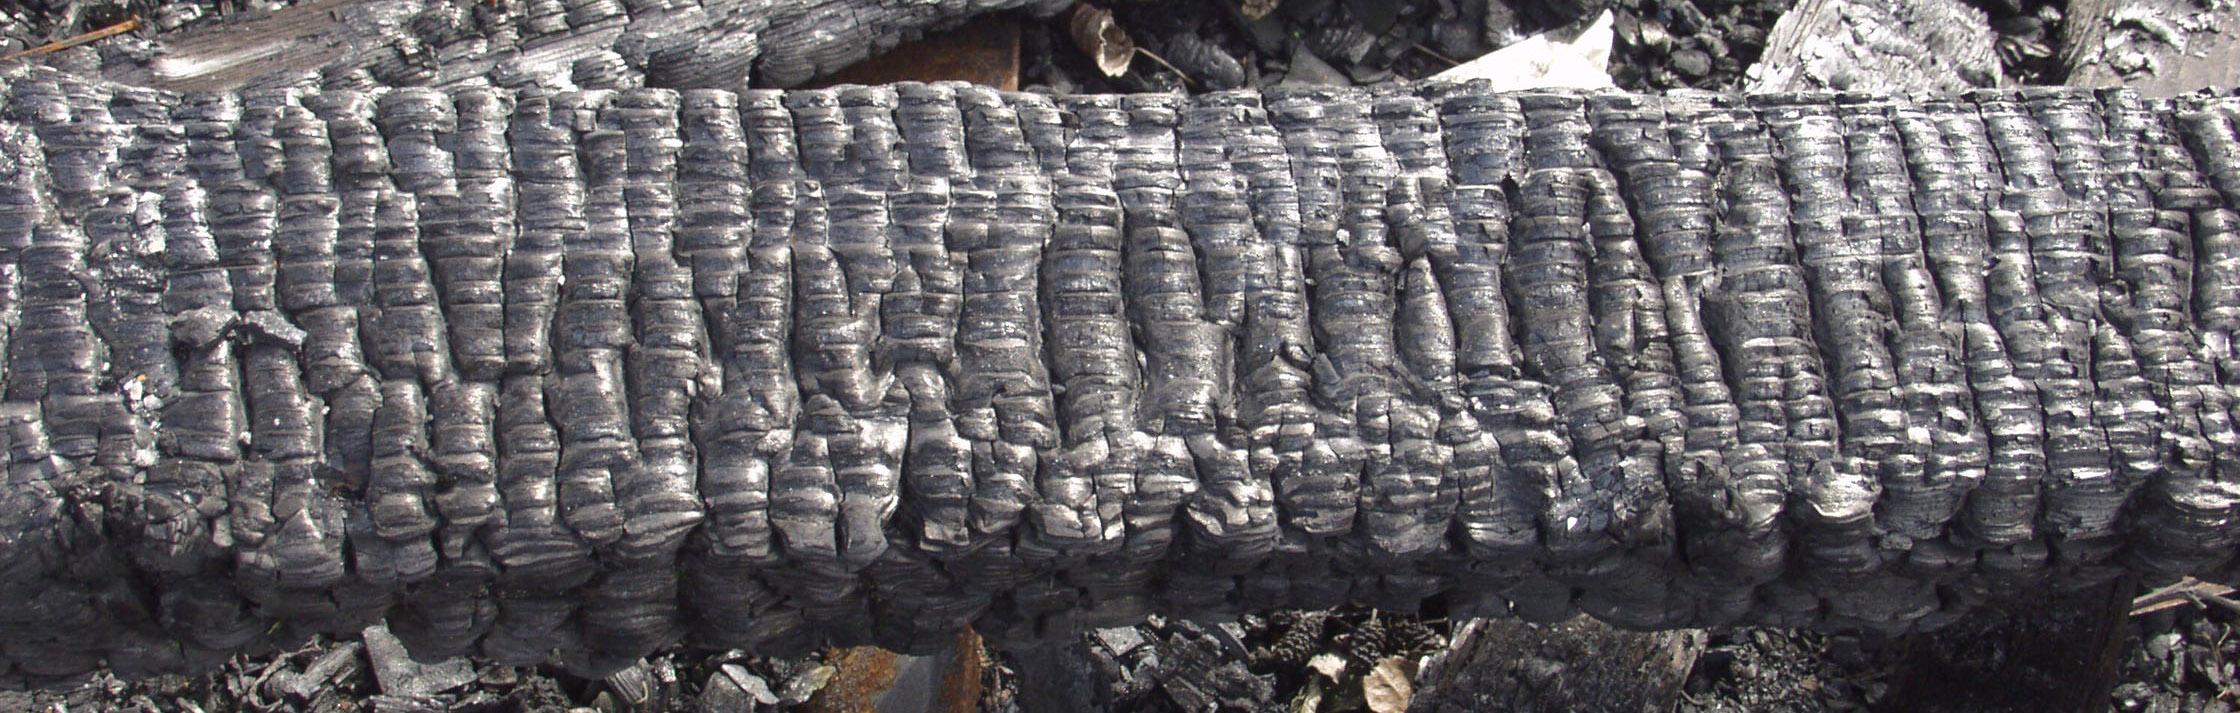 木材-燃烧过的-木梁(19)